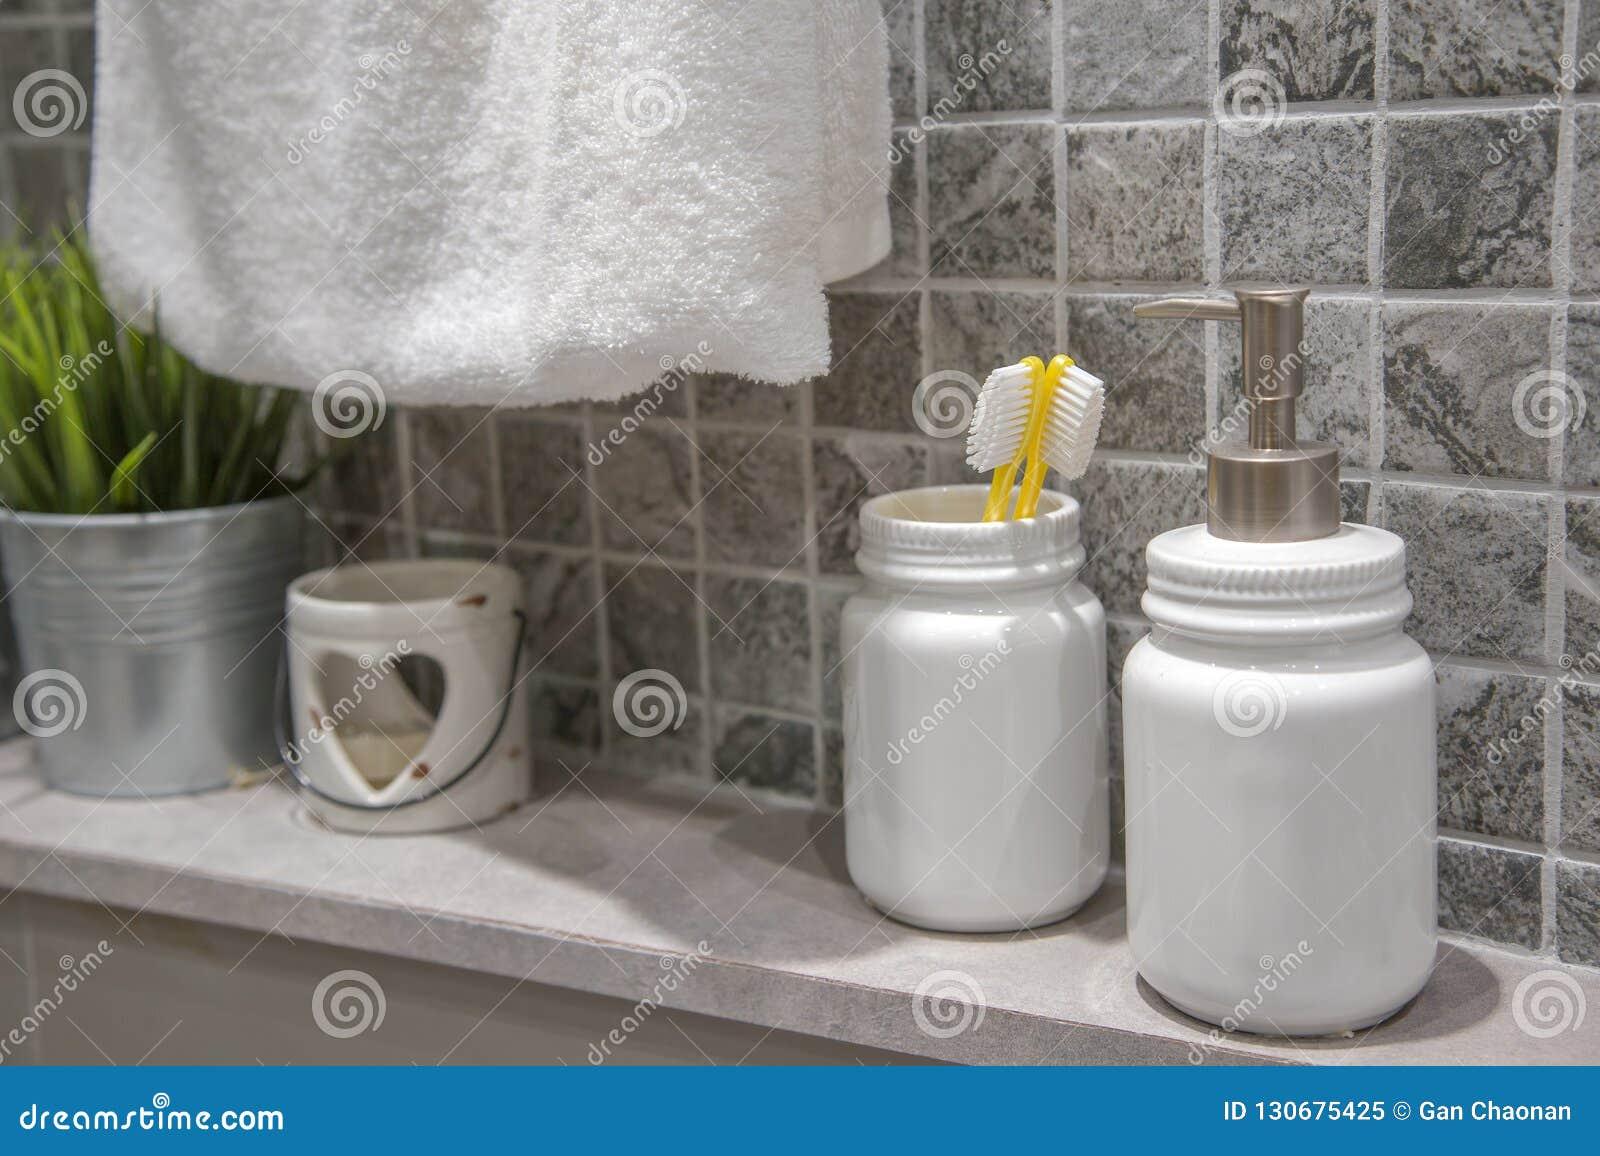 Die gelbe Zahnbürste sind auf dem weißen Glas im Badezimmer,